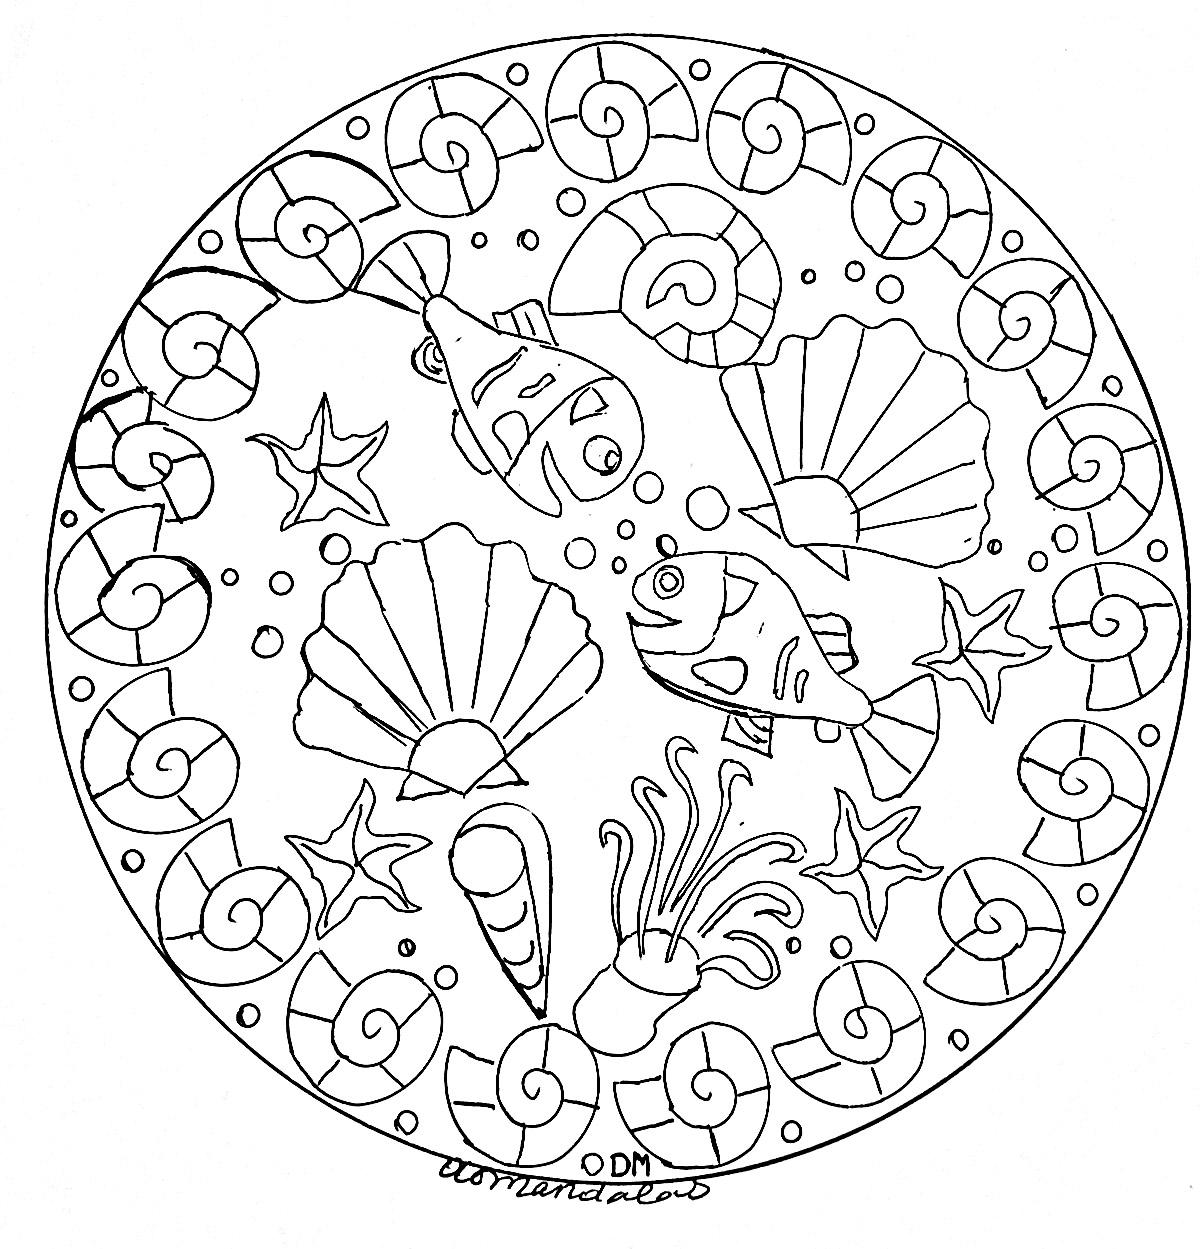 Un Mandala 'fonds marins' de difficulté 'normale', qui conviendra aux enfants et aux adultes qui souhaitent des coloriages ni trop simples ni trop difficiles.